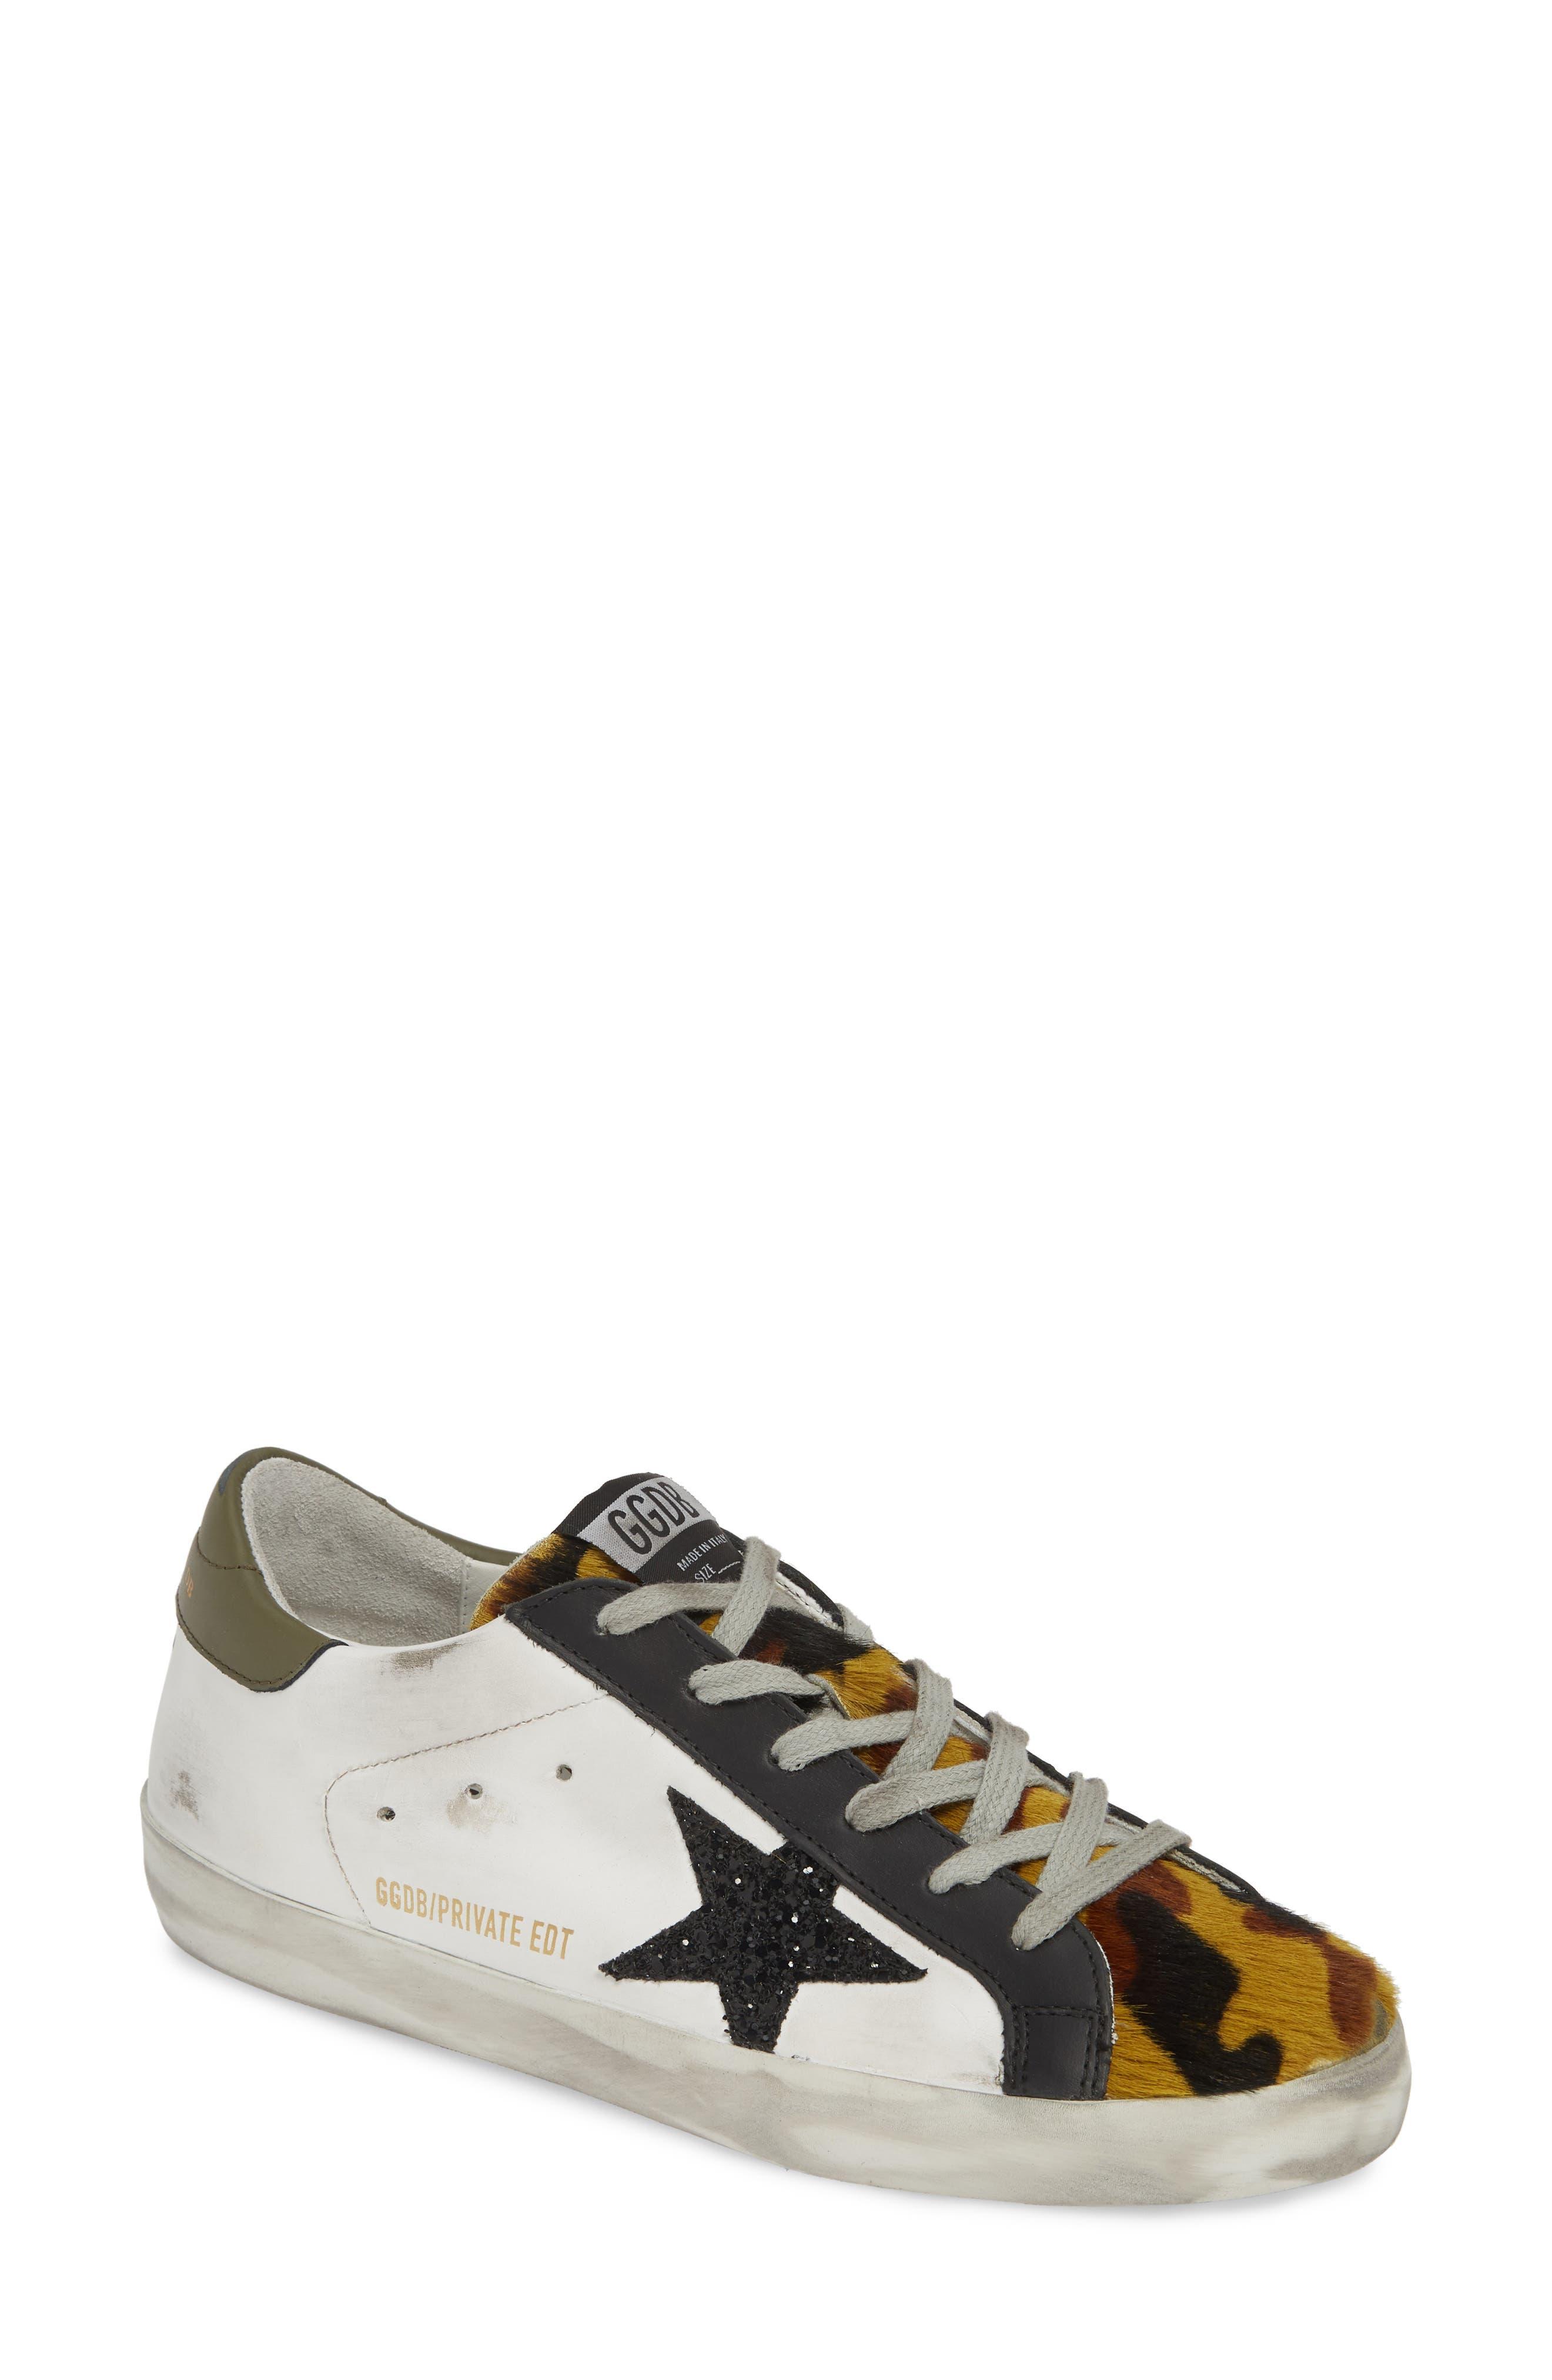 GOLDEN GOOSE Superstar Genuine Calf Hair Sneaker, Main, color, WHITE/ CAMO